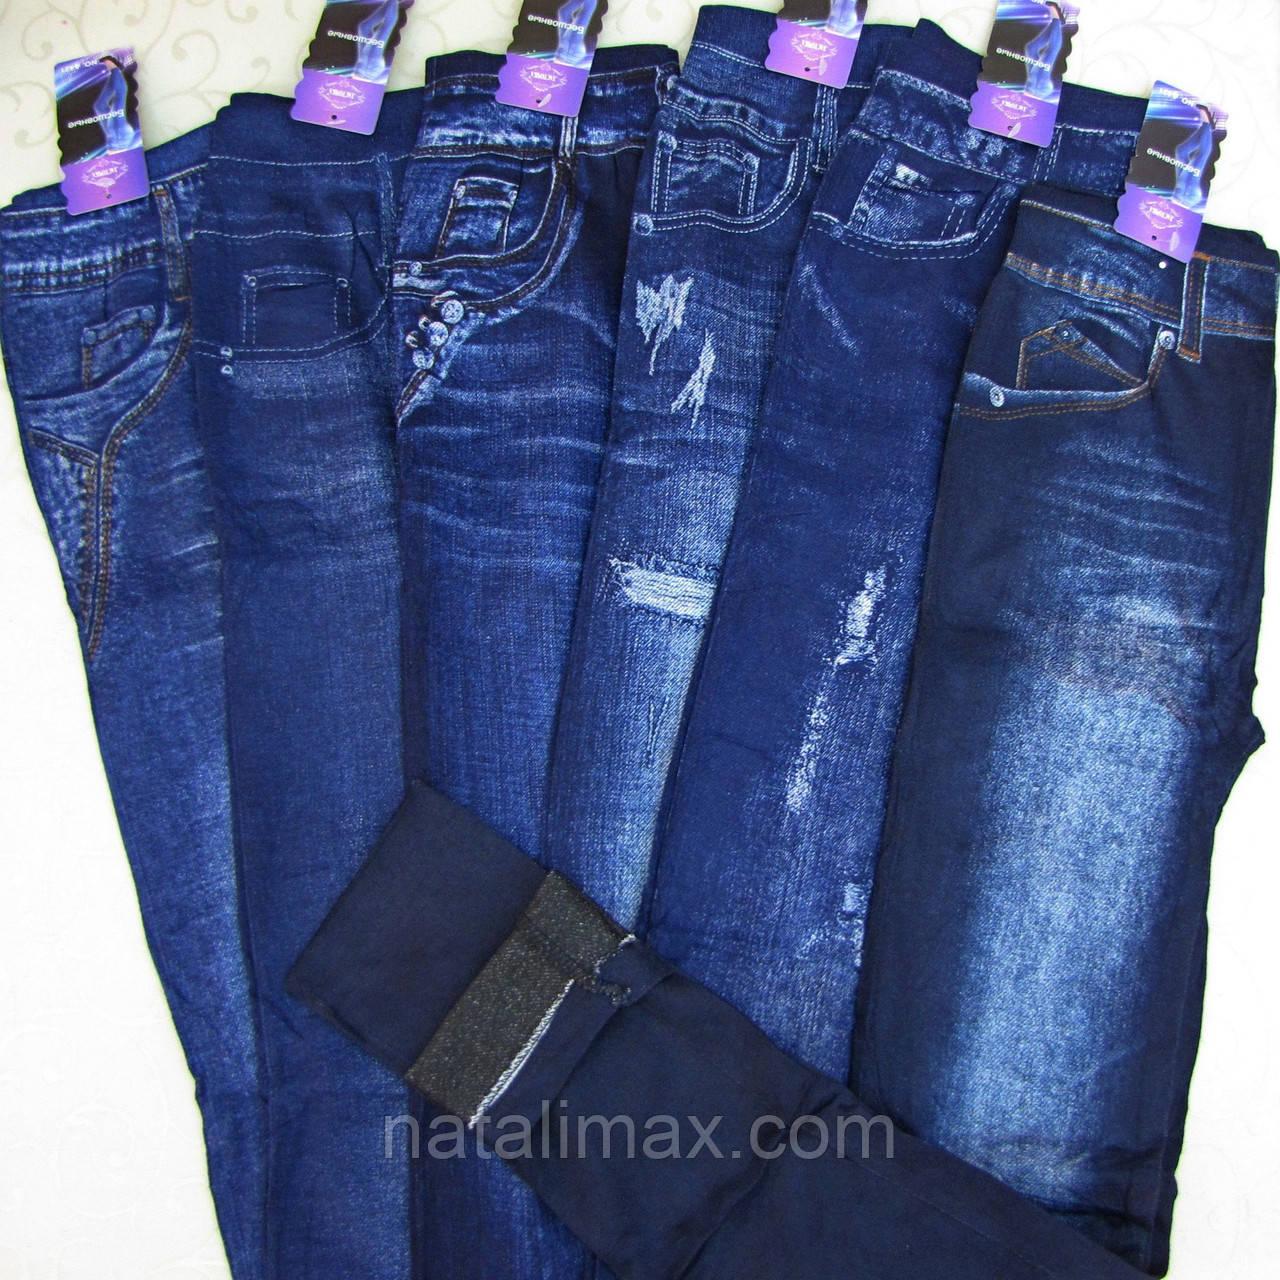 """Леггинсы (джеггинсы) """"12 дизайнов"""" женские . Пр-во """"Ласточка"""". Леггинсы  и лосины женские  типа джинсов."""